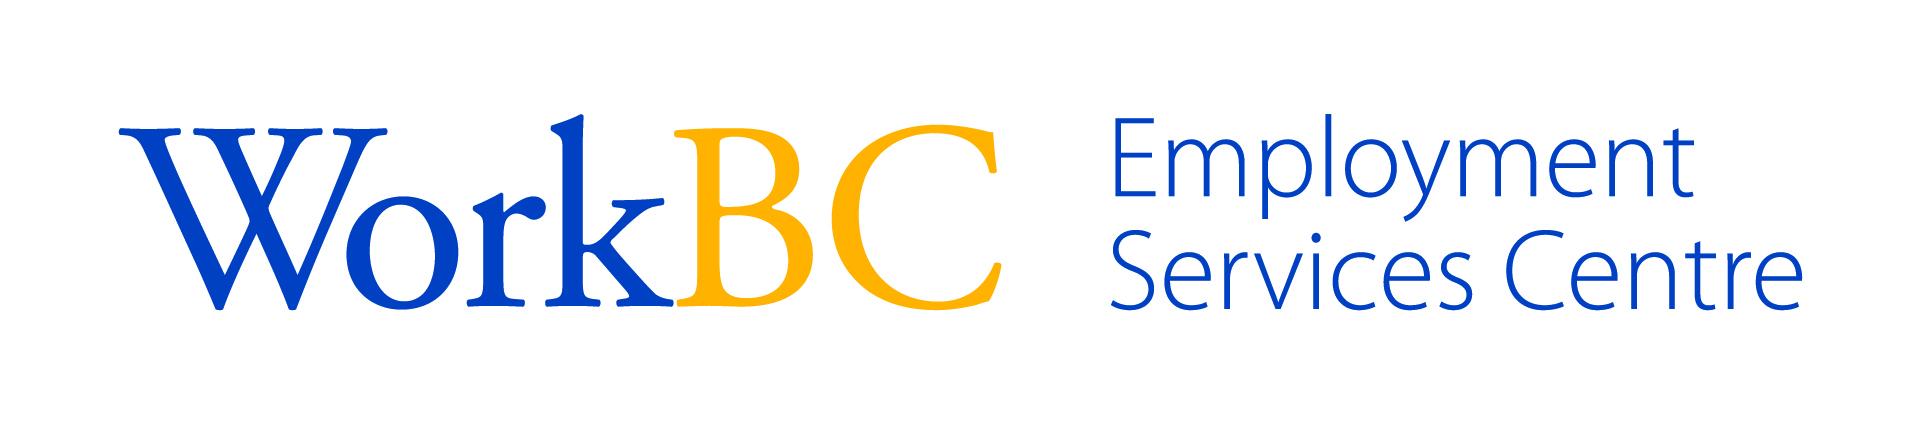 WorkBC Employment Services Centre